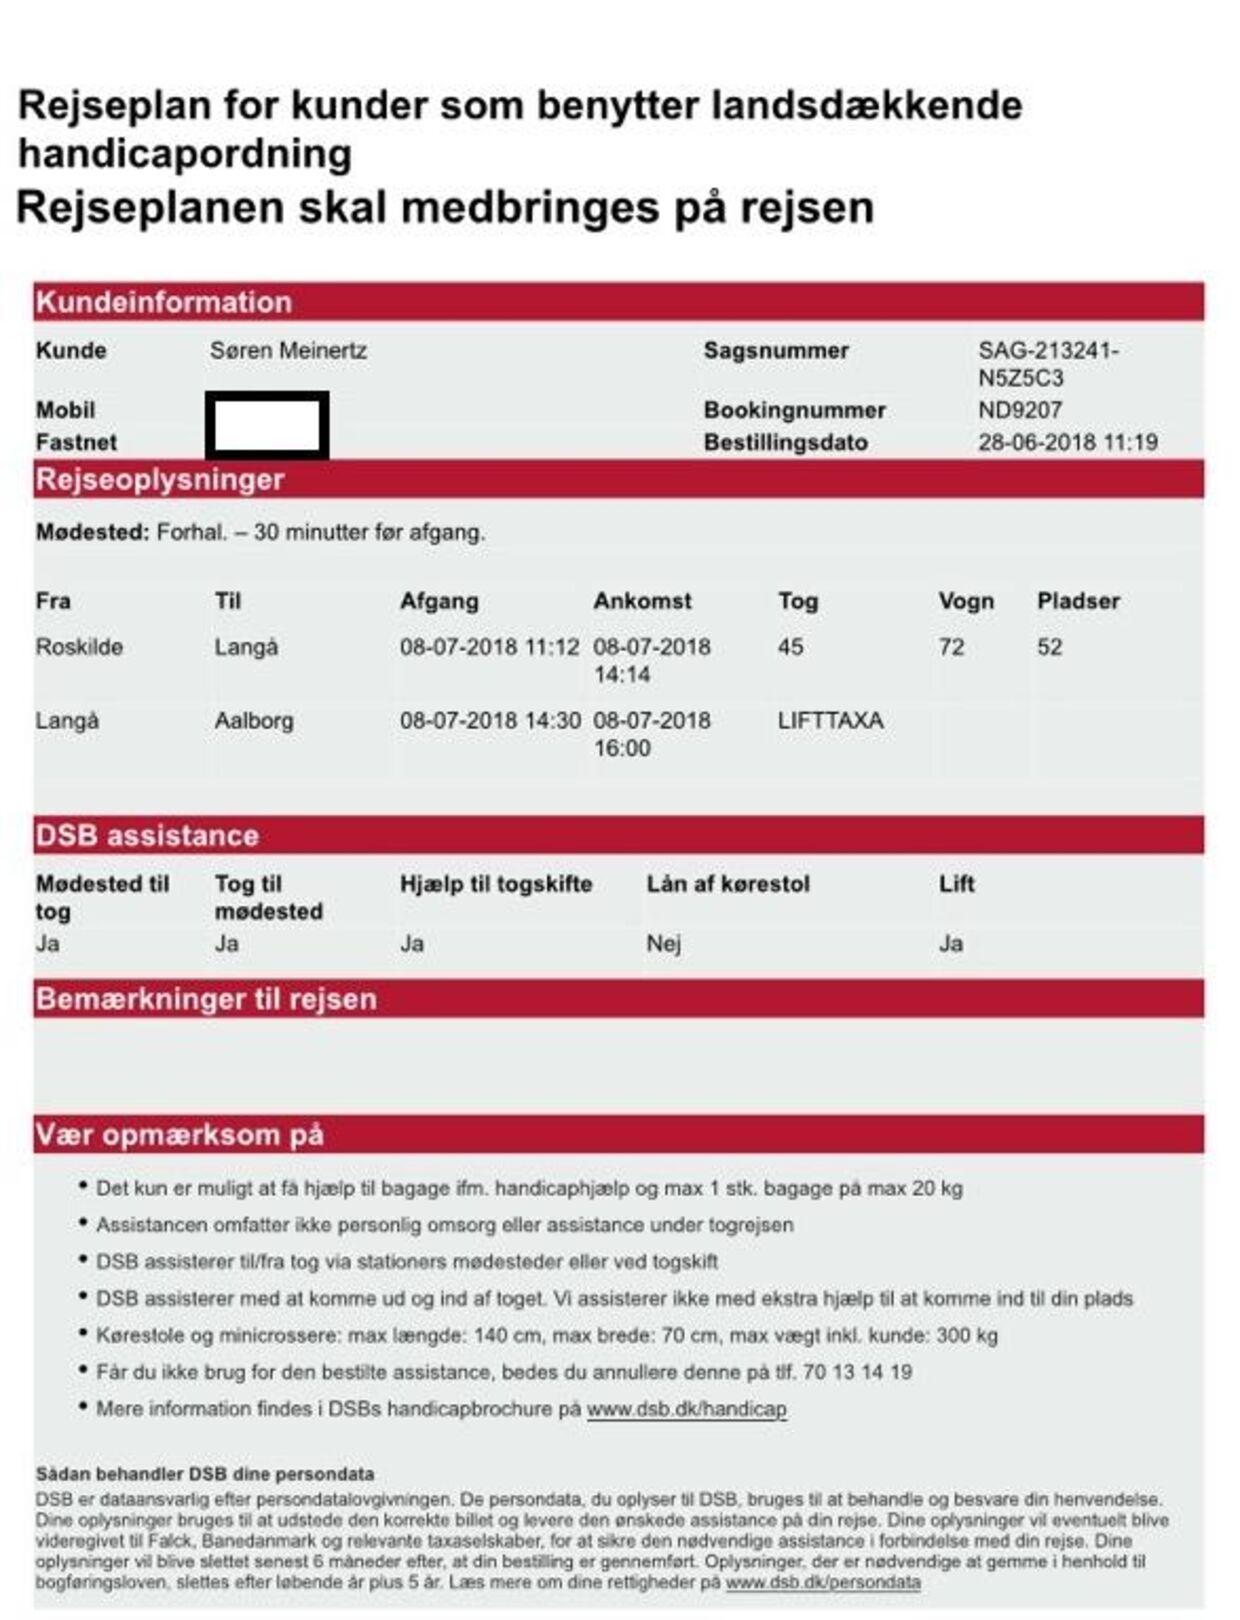 På rejseplanen for hjemrejsen står der, at lifttaxaen er bestilt til kl. 14.30. Hele rejsen er bestilt 28. juni.